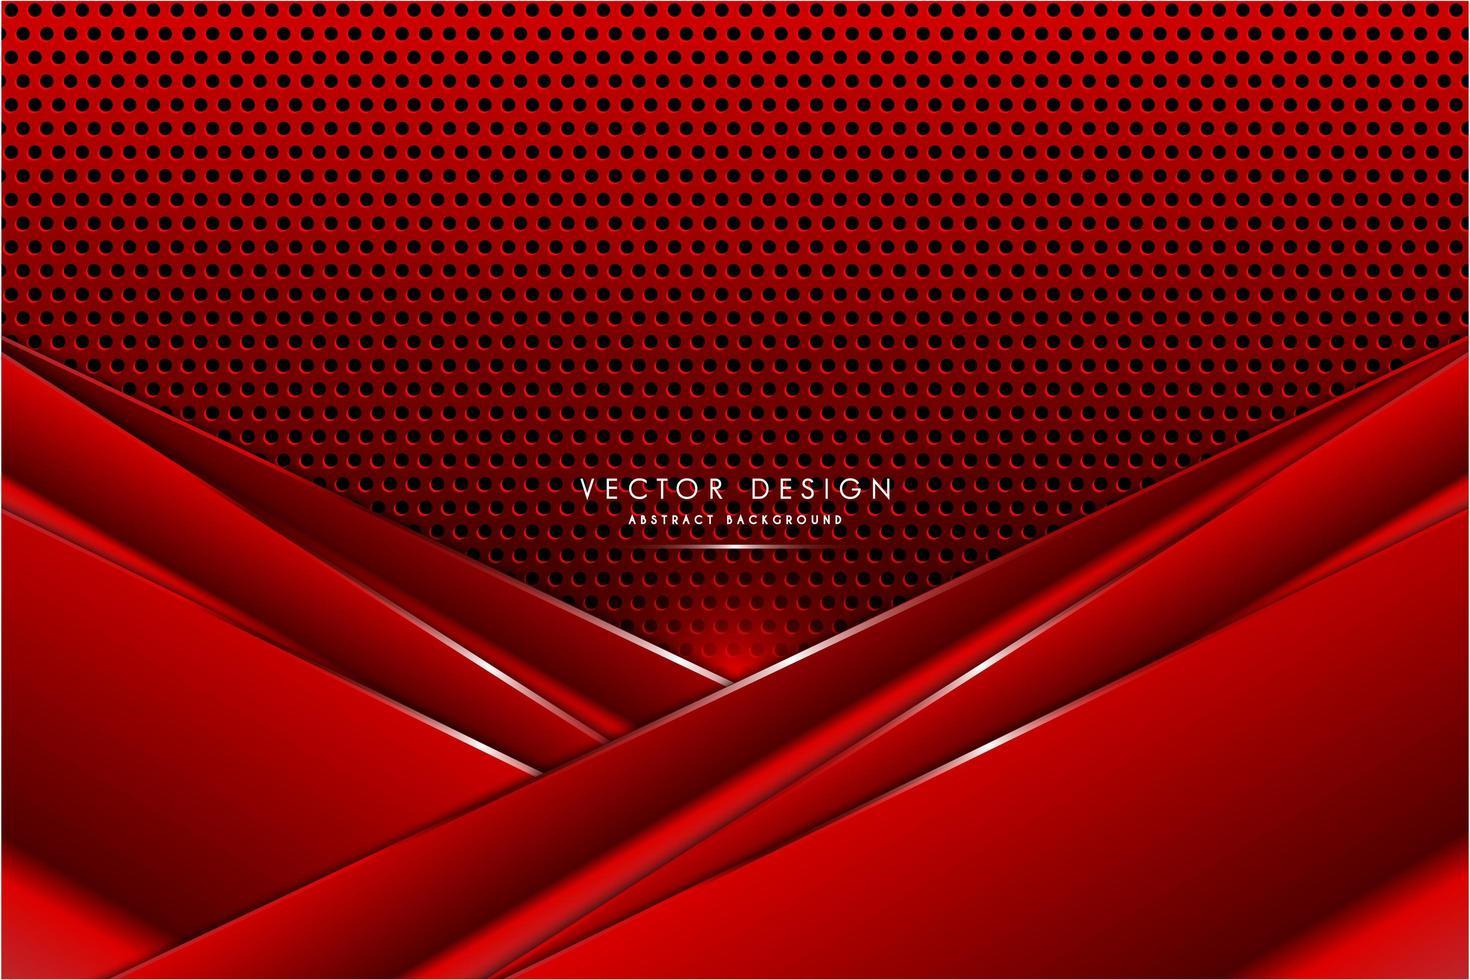 Panneaux d'angle rouges métalliques sur la texture en fibre de carbone vecteur